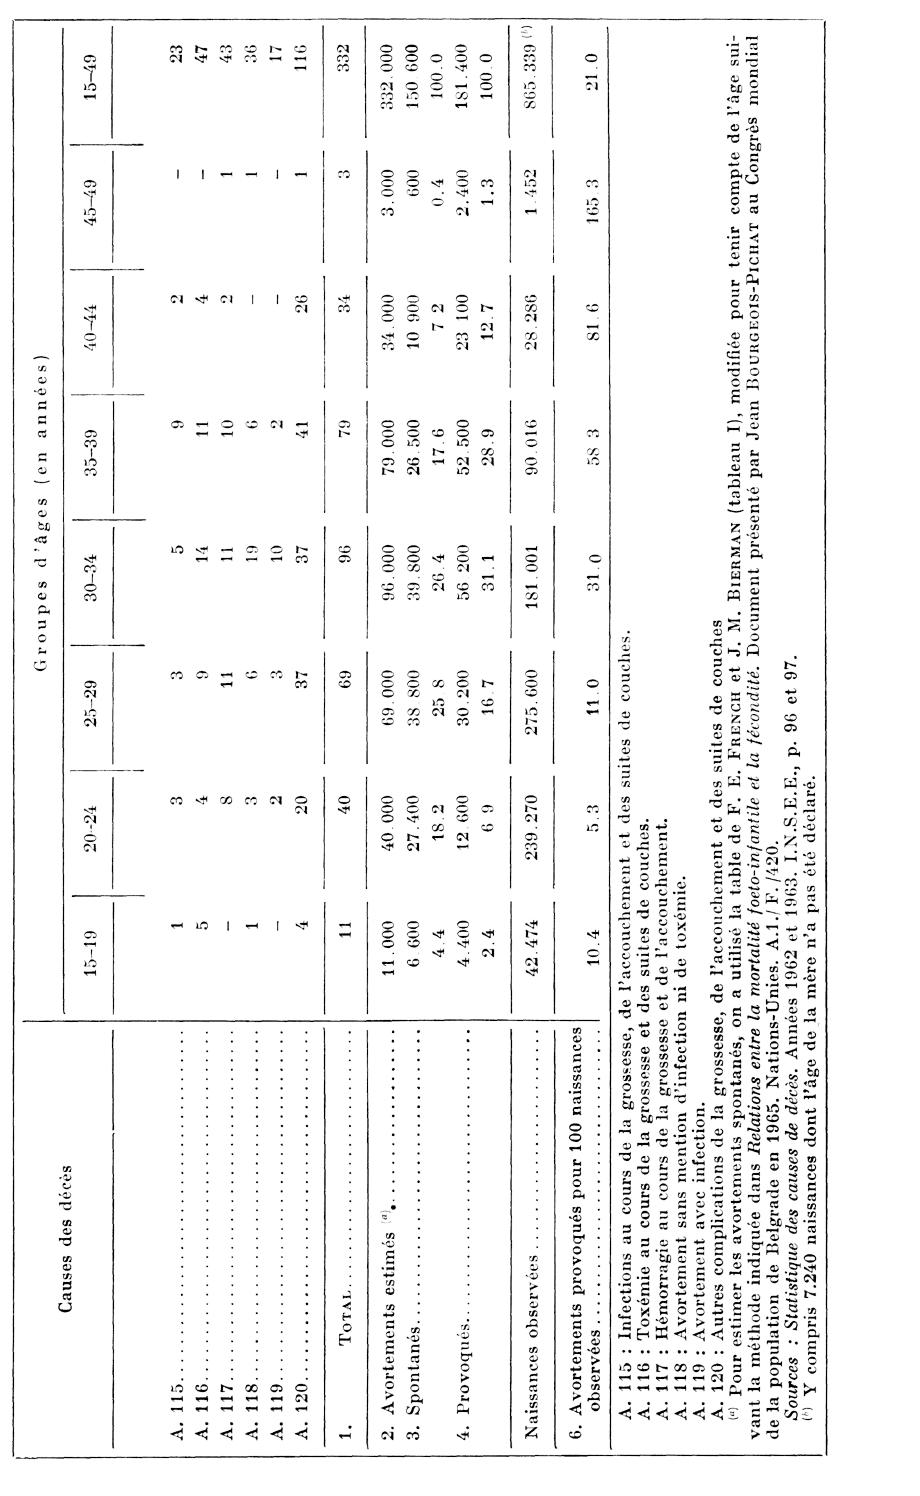 rapport de l 39 institut national d 39 tudes d mographiques monsieur le ministre des affaires. Black Bedroom Furniture Sets. Home Design Ideas